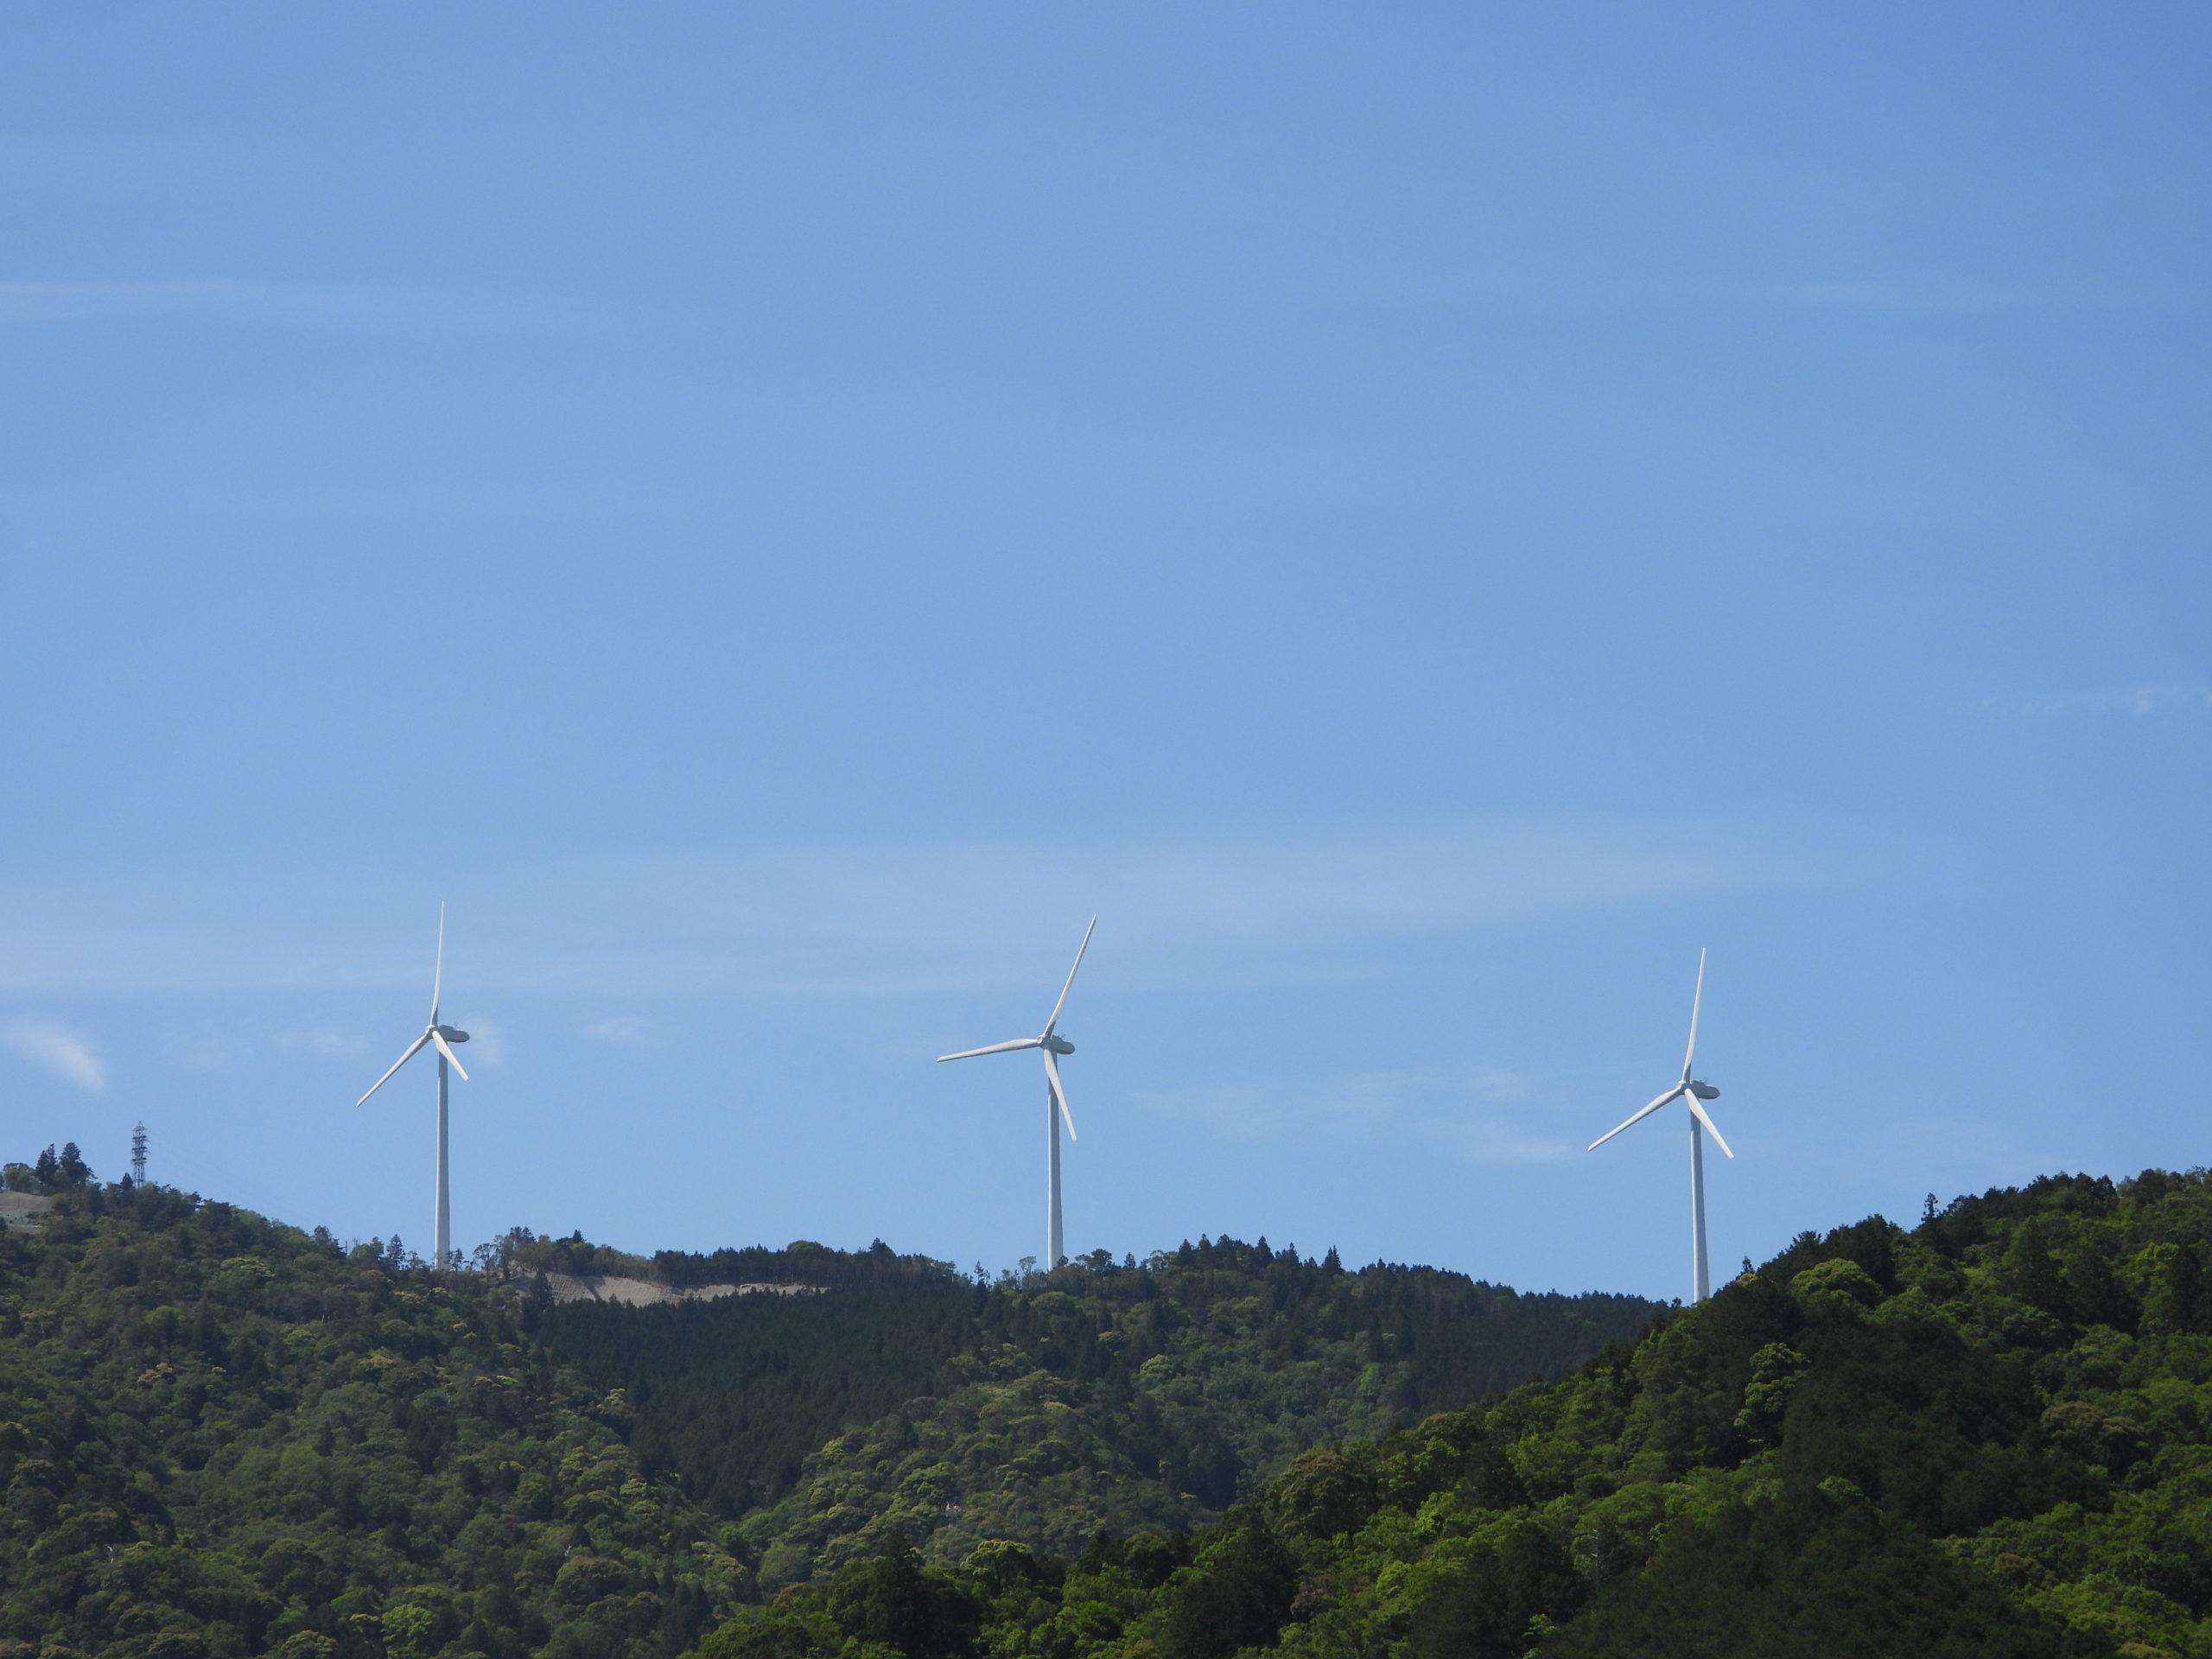 度会ウィンドファームの日立製作所製ダウンウィンド型風車